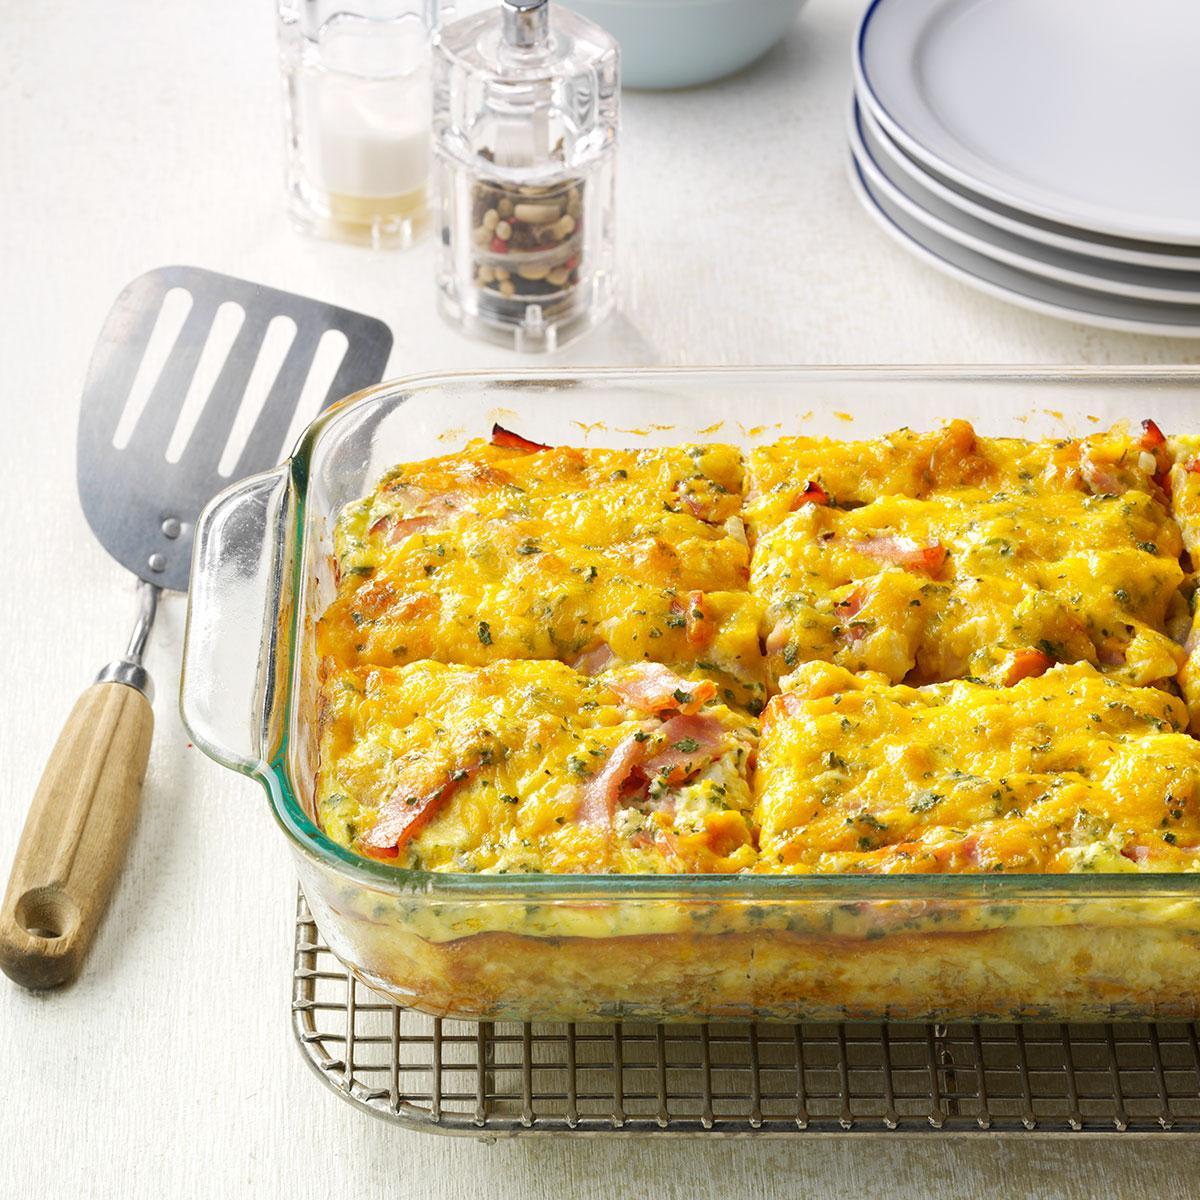 Loaded Breakfast Casserole: Loaded Tater Tot Bake Recipe